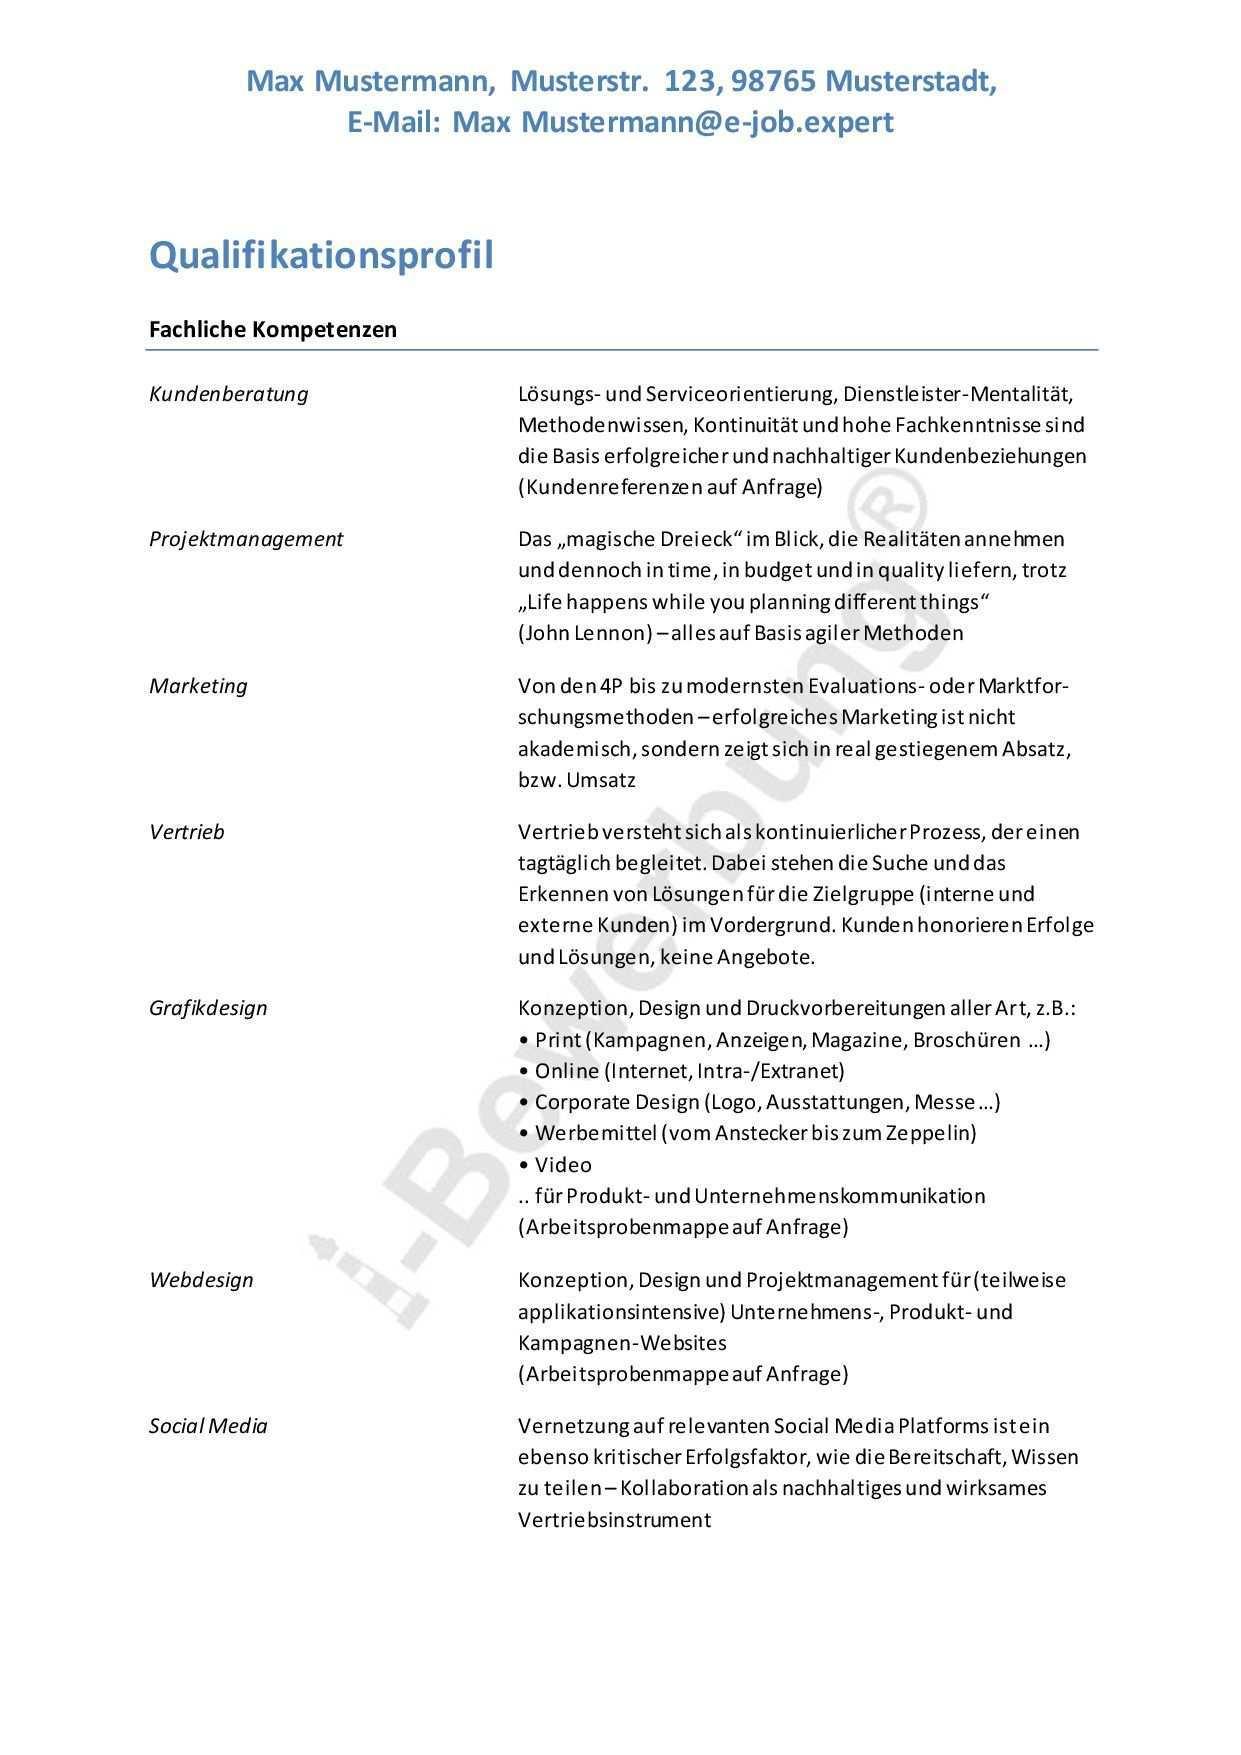 Muster Eines Qualifikationsprofils Fur Eine Initiativbewerbung Schulnoten Brief Deutsch Bewerbung